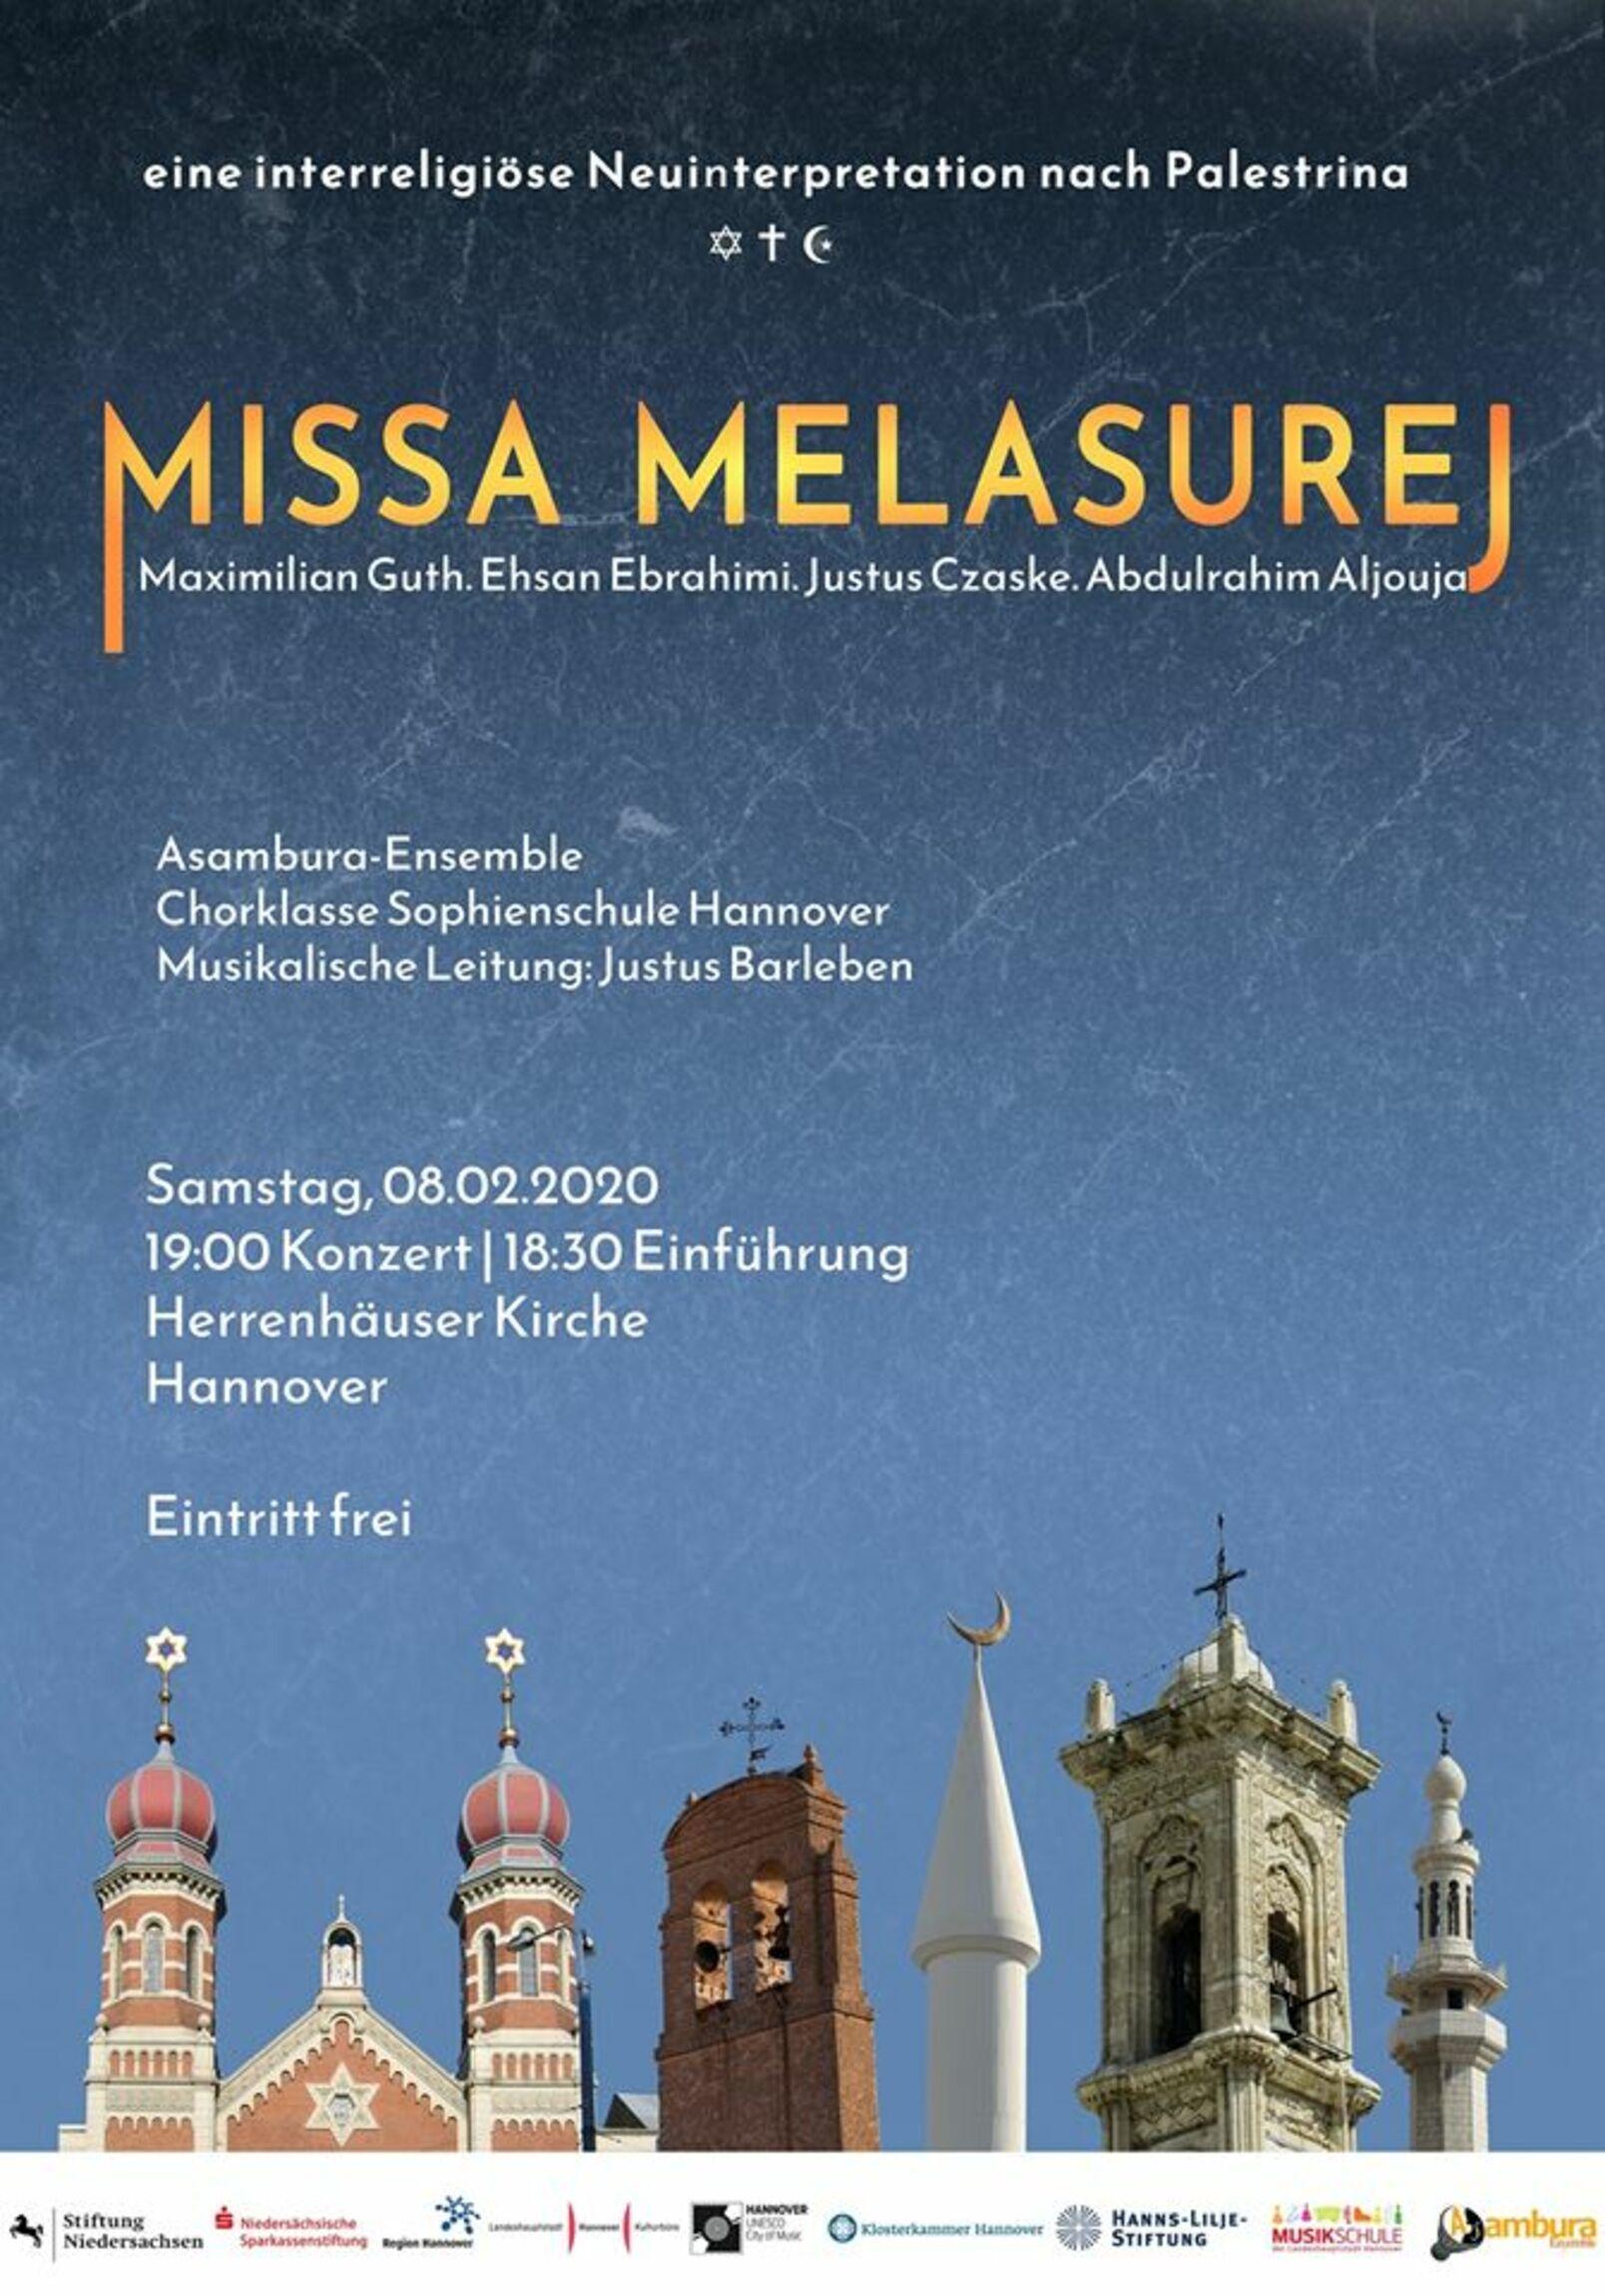 Missa Melasurej